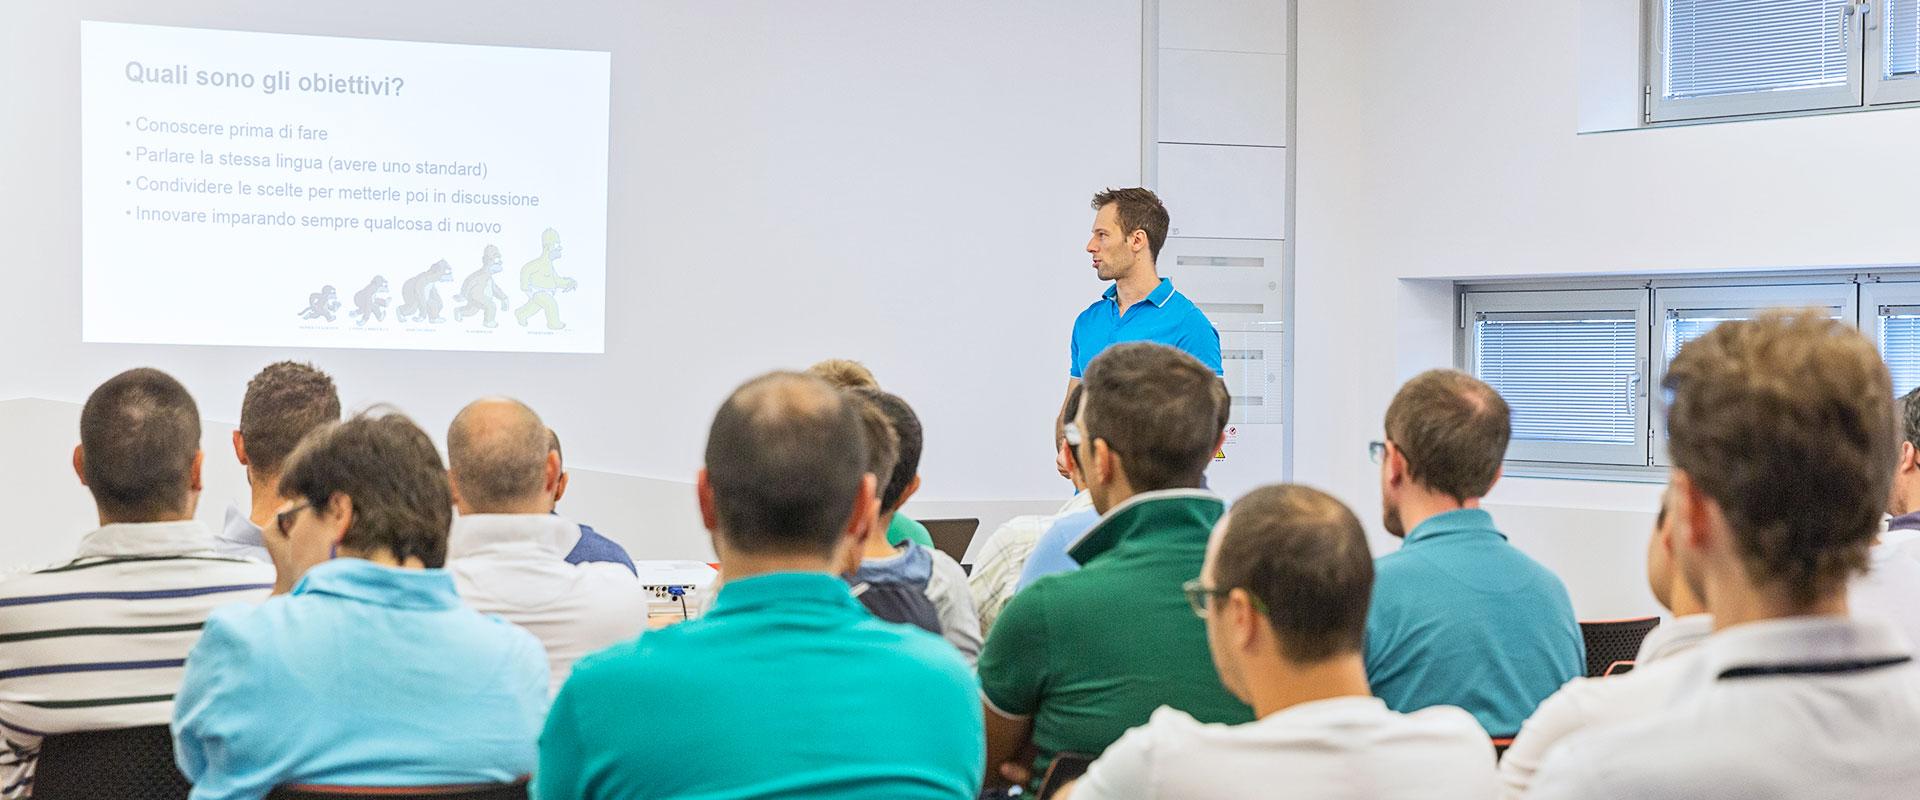 CGN investe nella formazione dei propri collaboratori